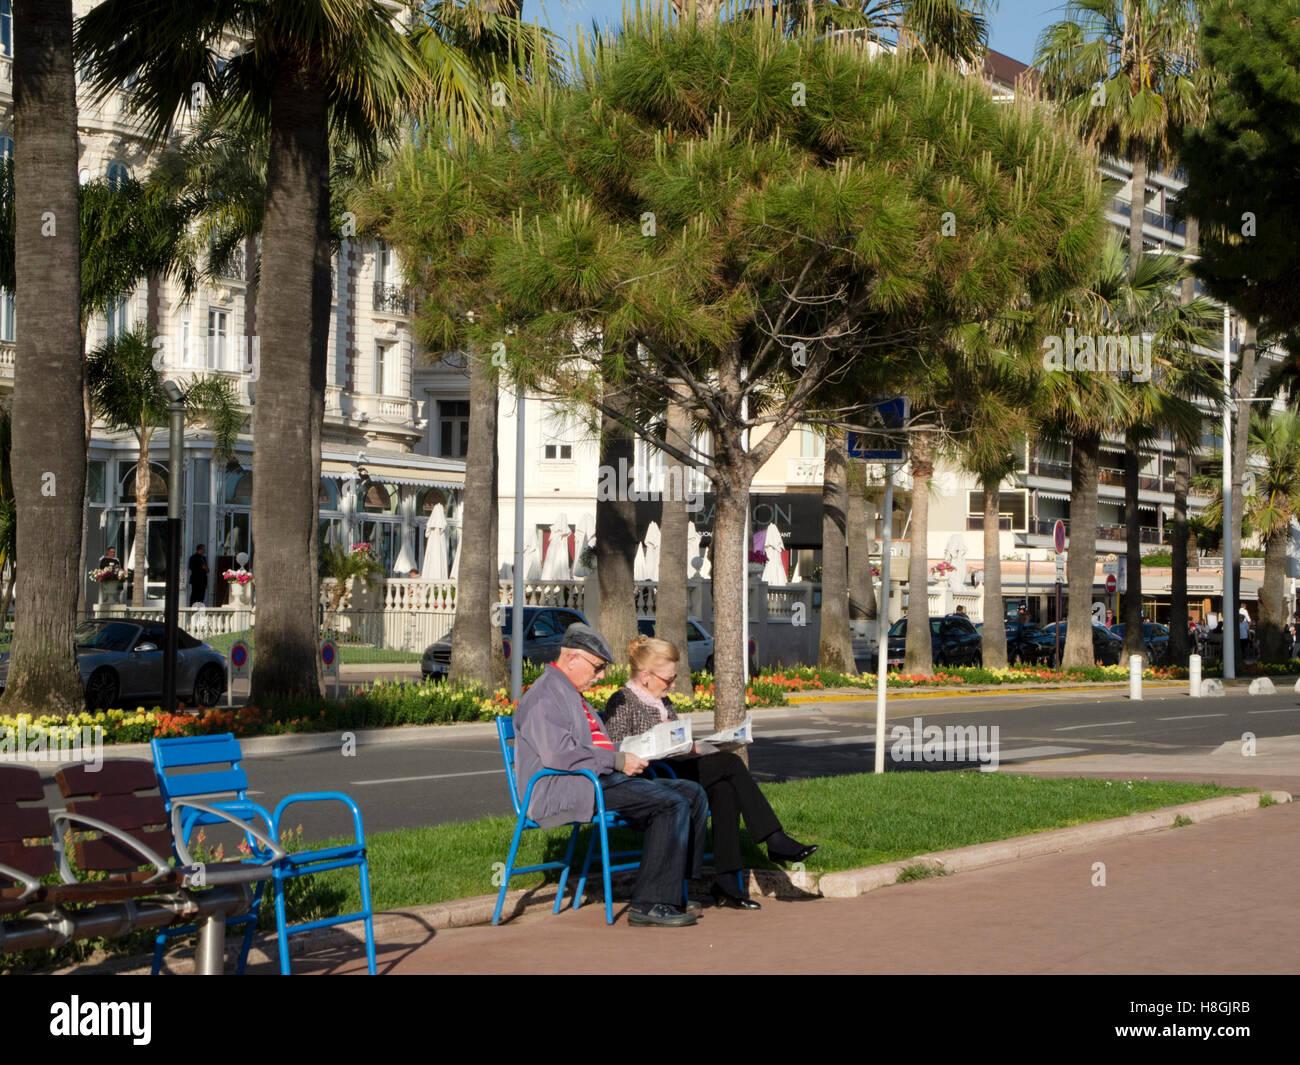 Frankreich, Cote d Azur, Cannes, Flaniermeile Boulevard de la Croisette Stock Photo